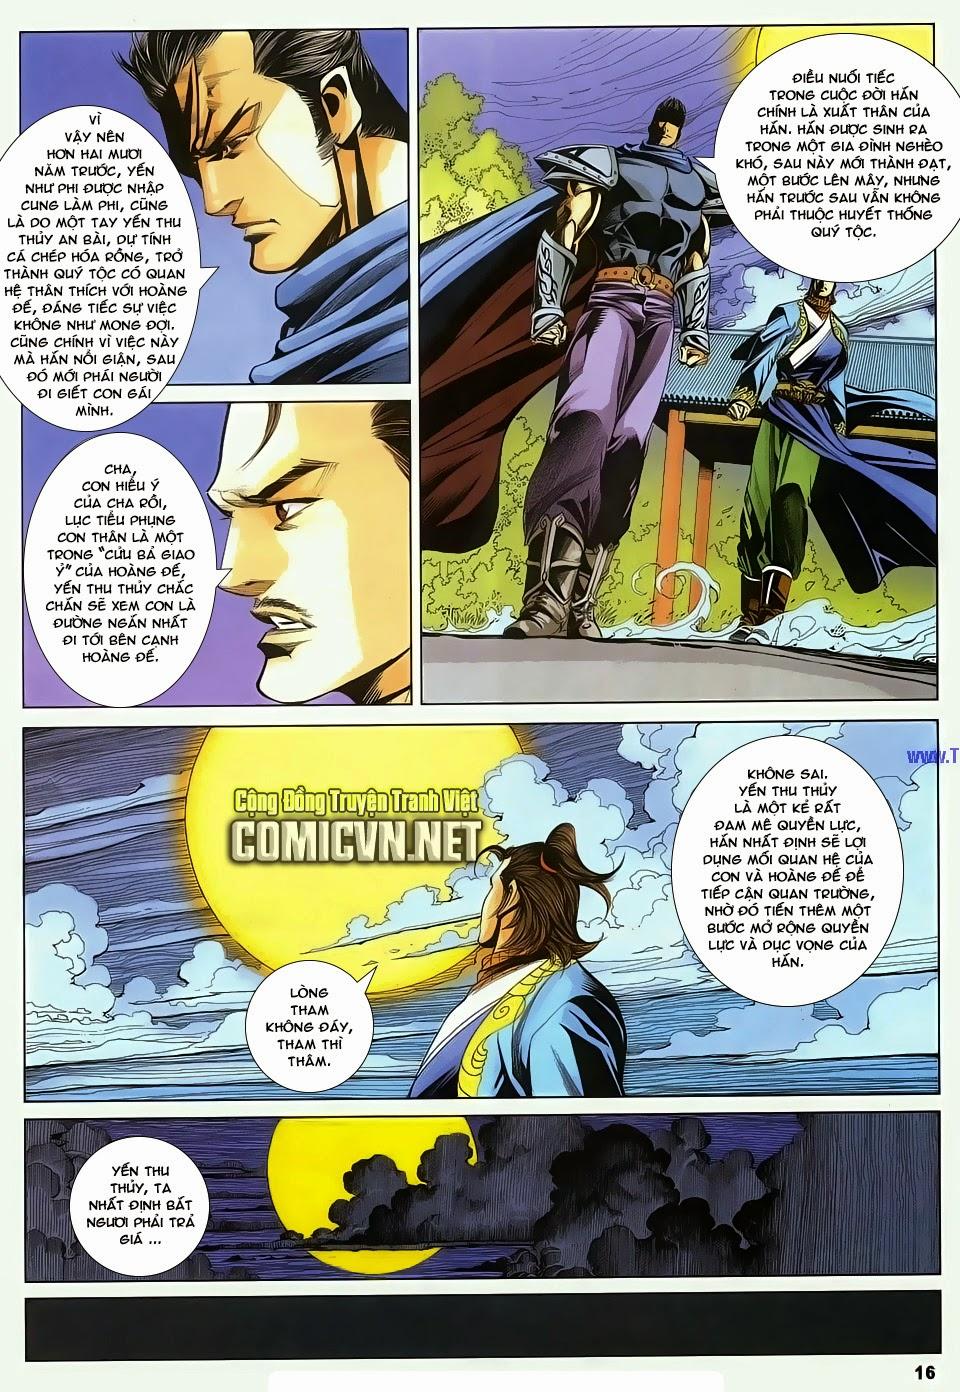 Cổ Long Quần Hiệp Truyện chap 83 - Trang 16